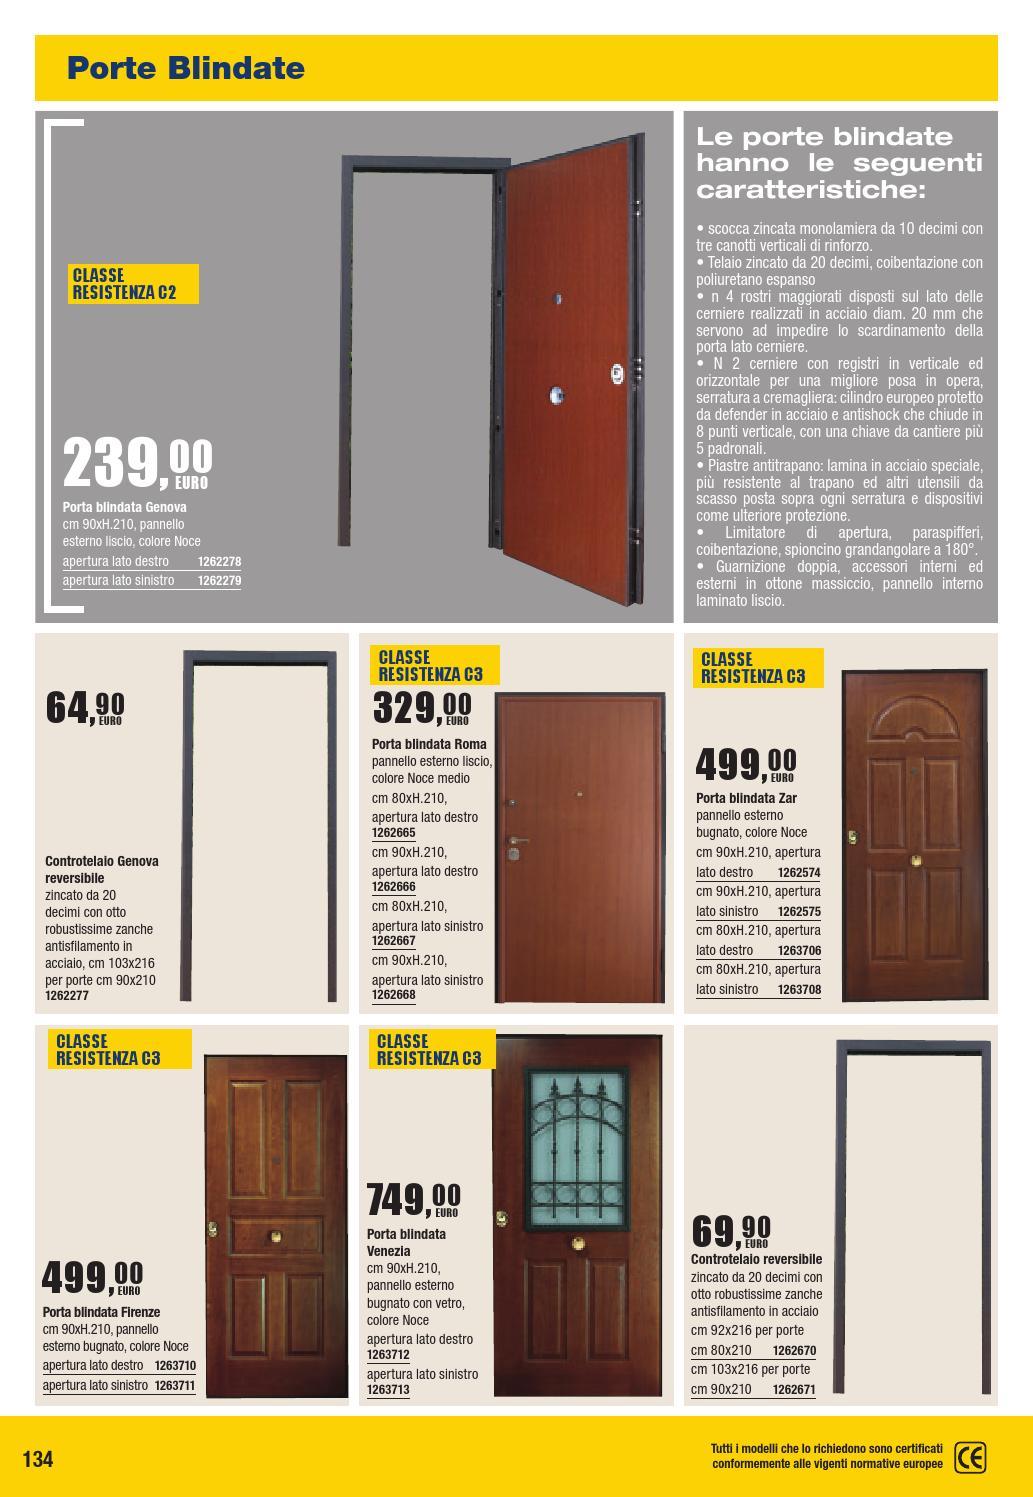 Colori Pannelli Porte Blindate catalogo tecnico by bricofer italia spa - issuu